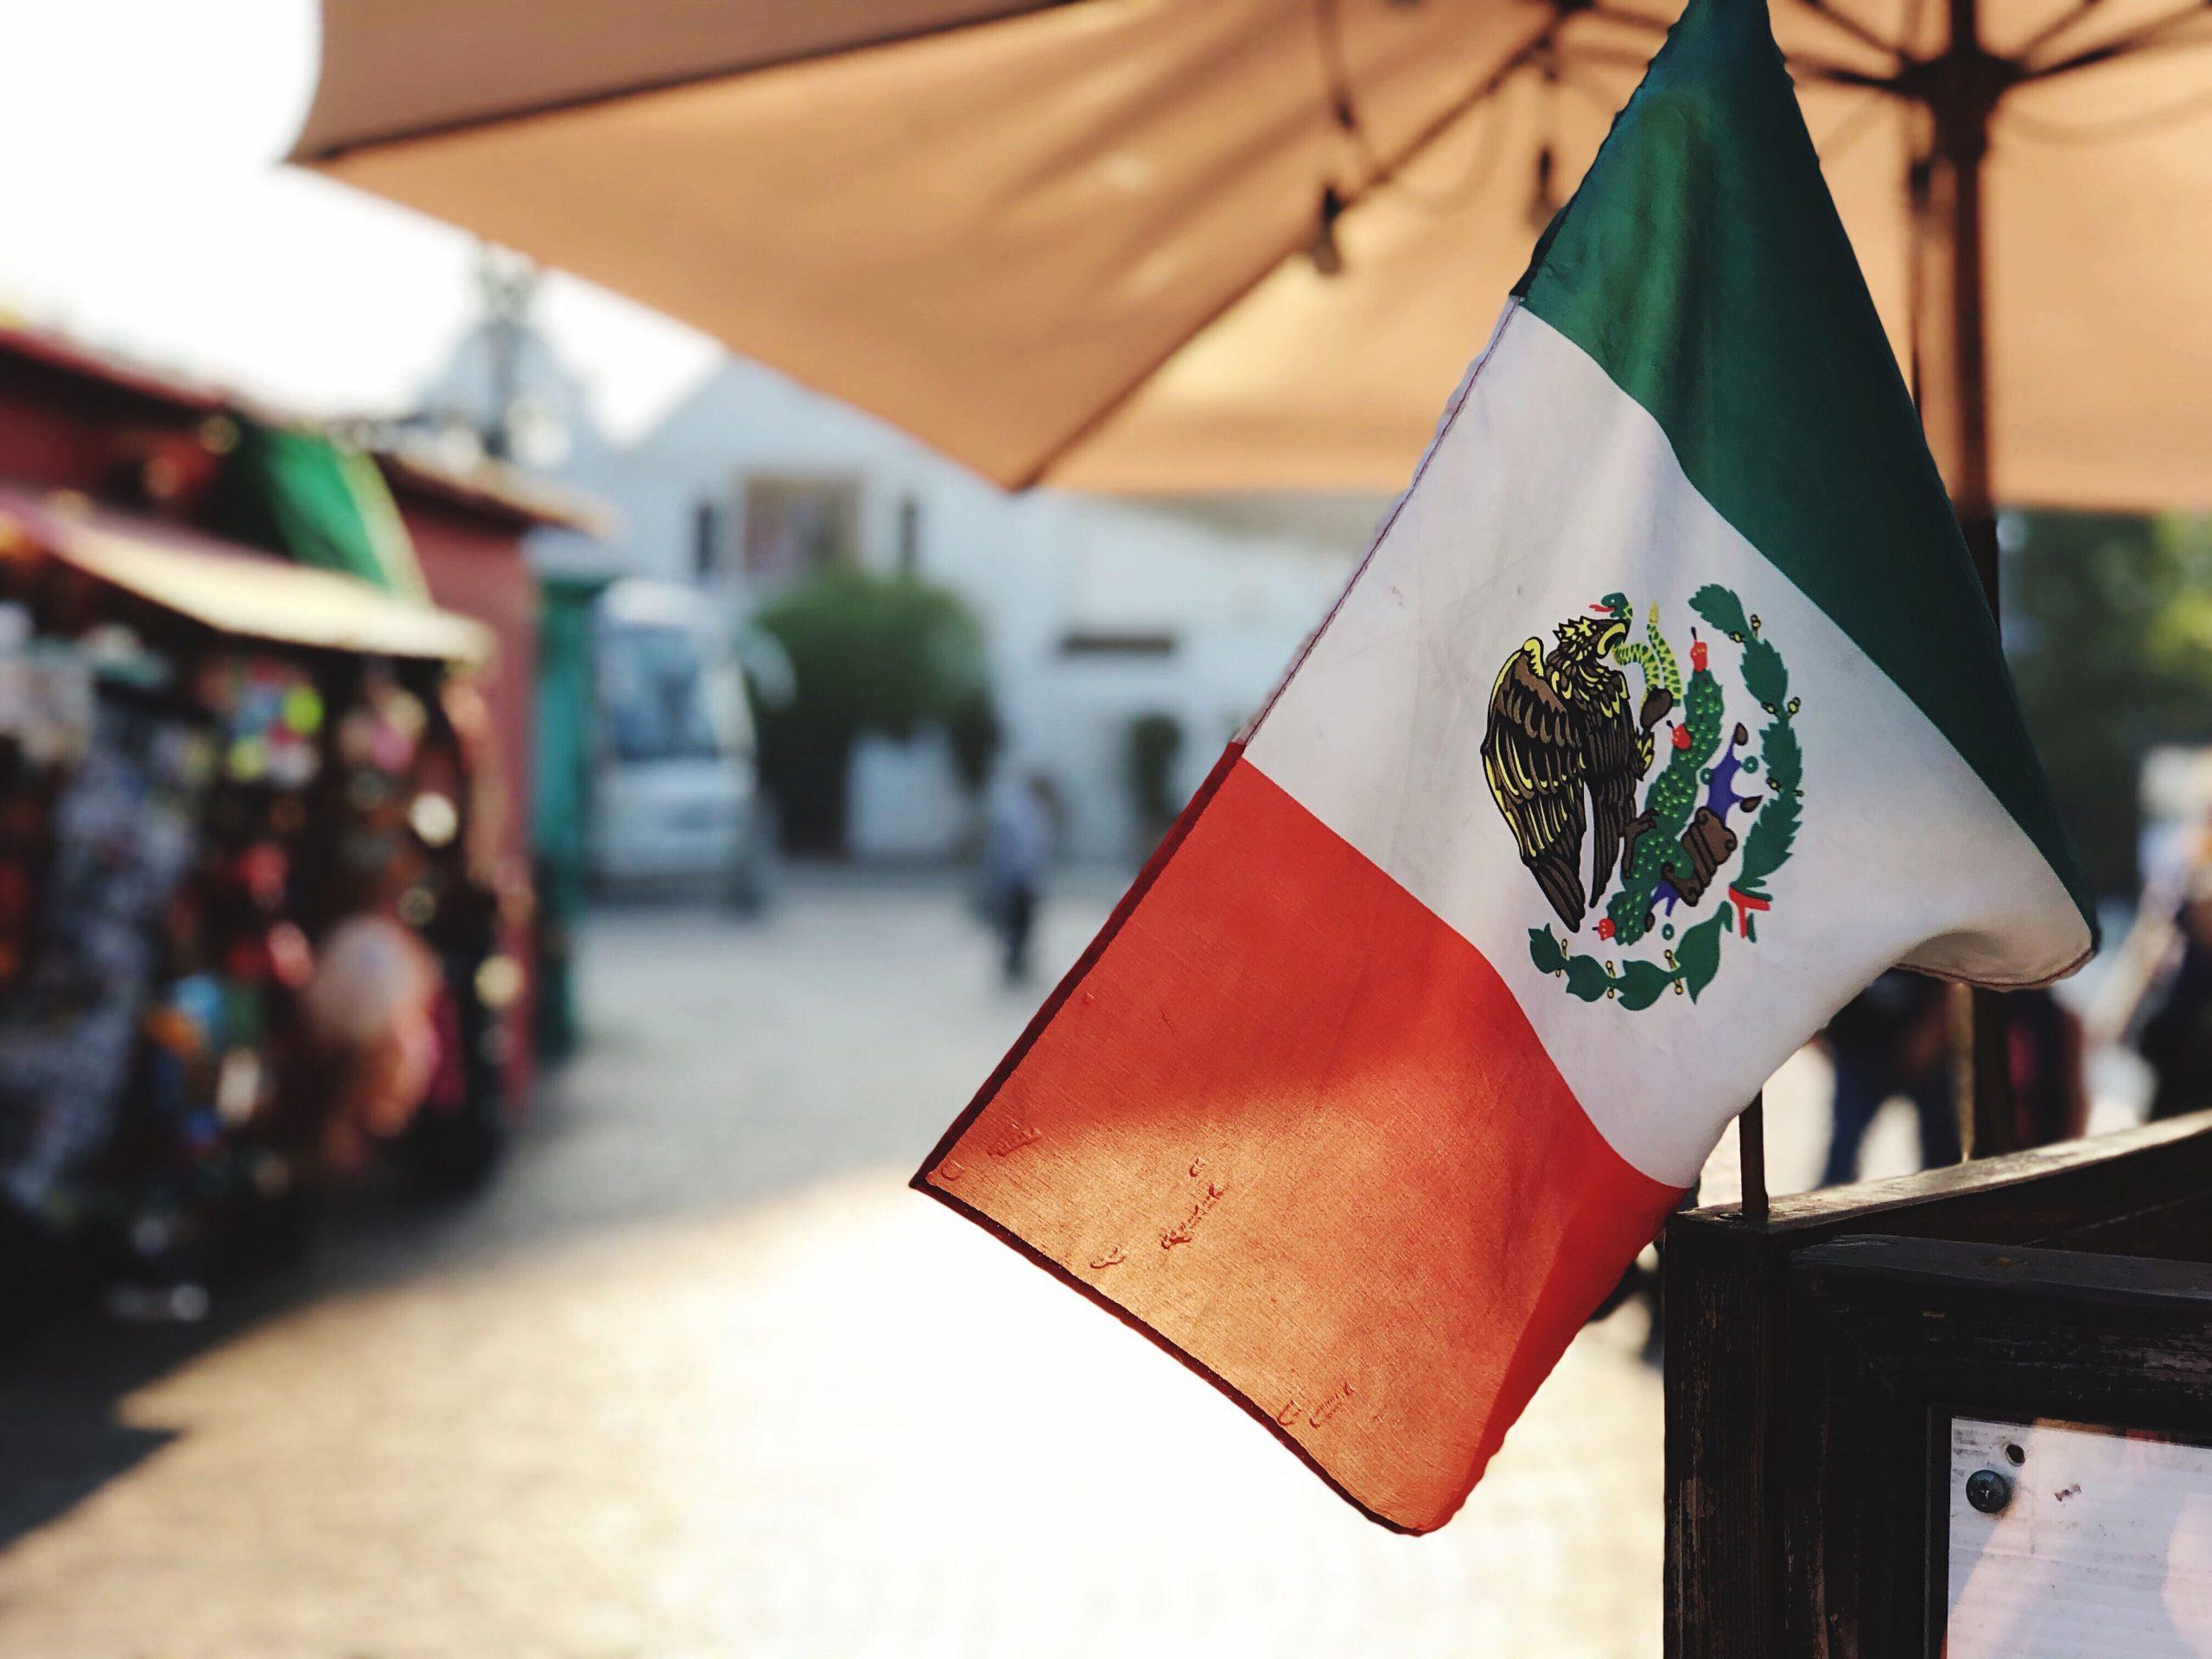 Frente a las elecciones… querer a México - PosdataMx -